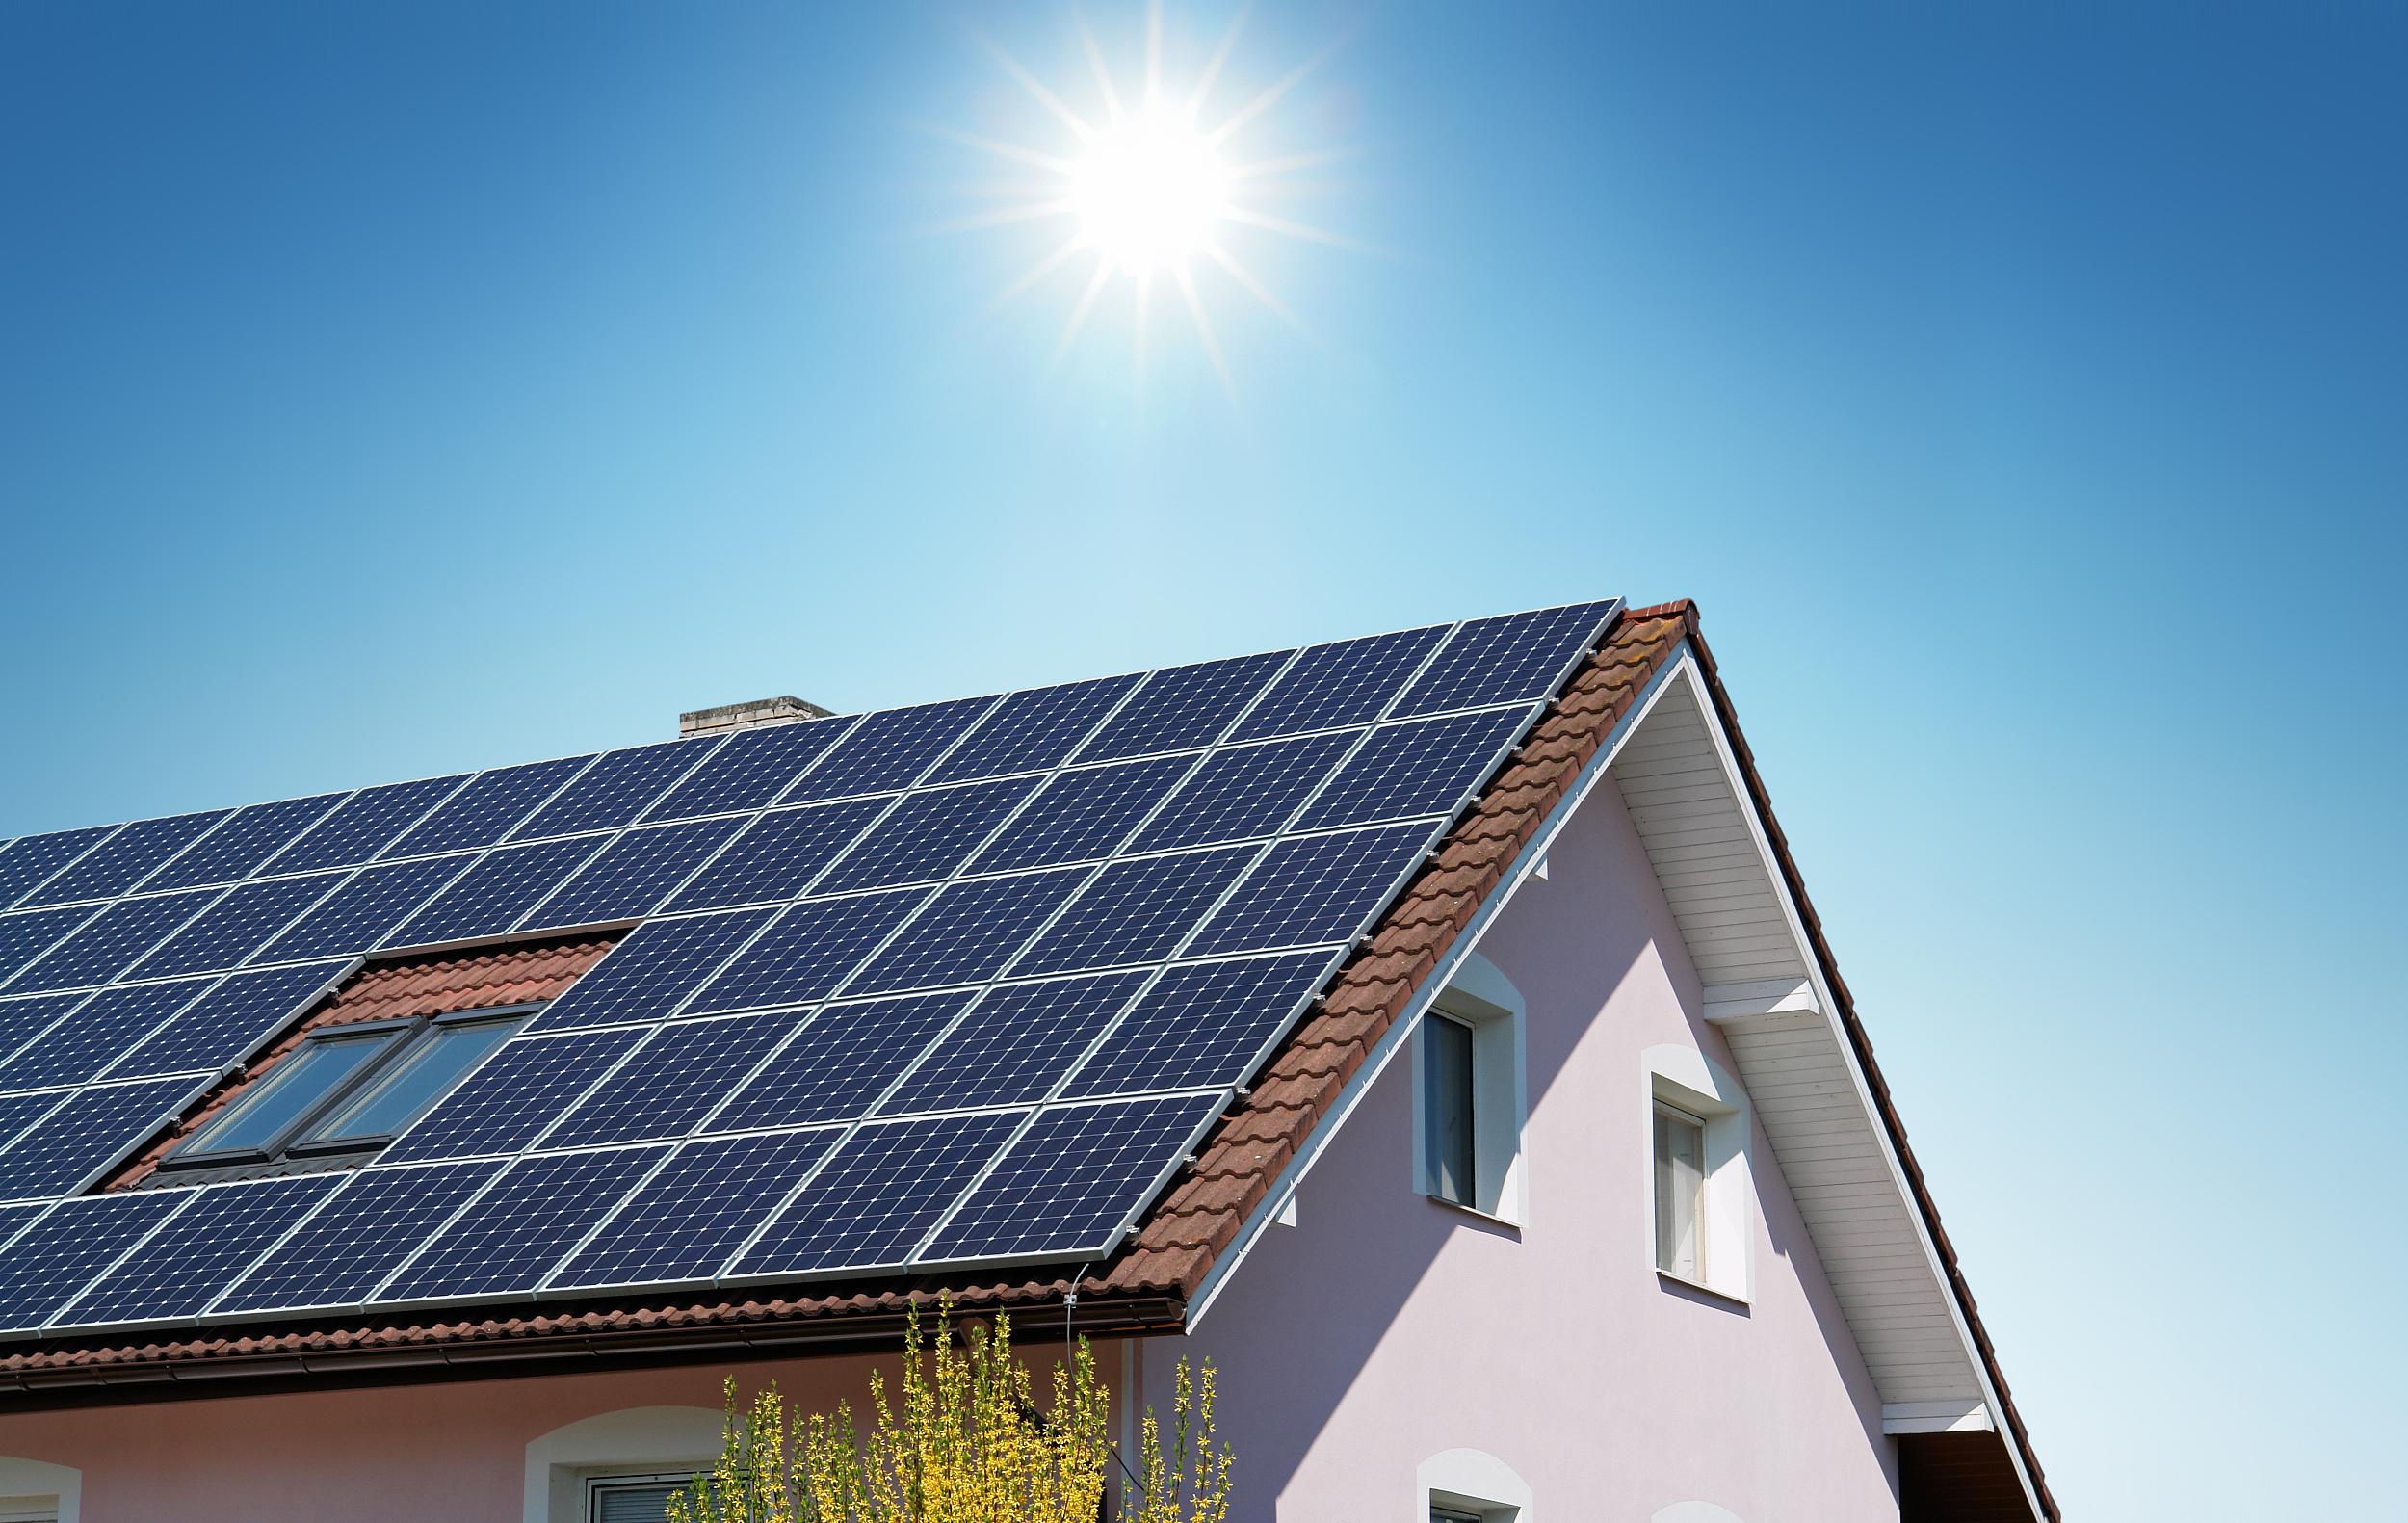 光伏|美国低碳方案:到2050年太阳能占比45%